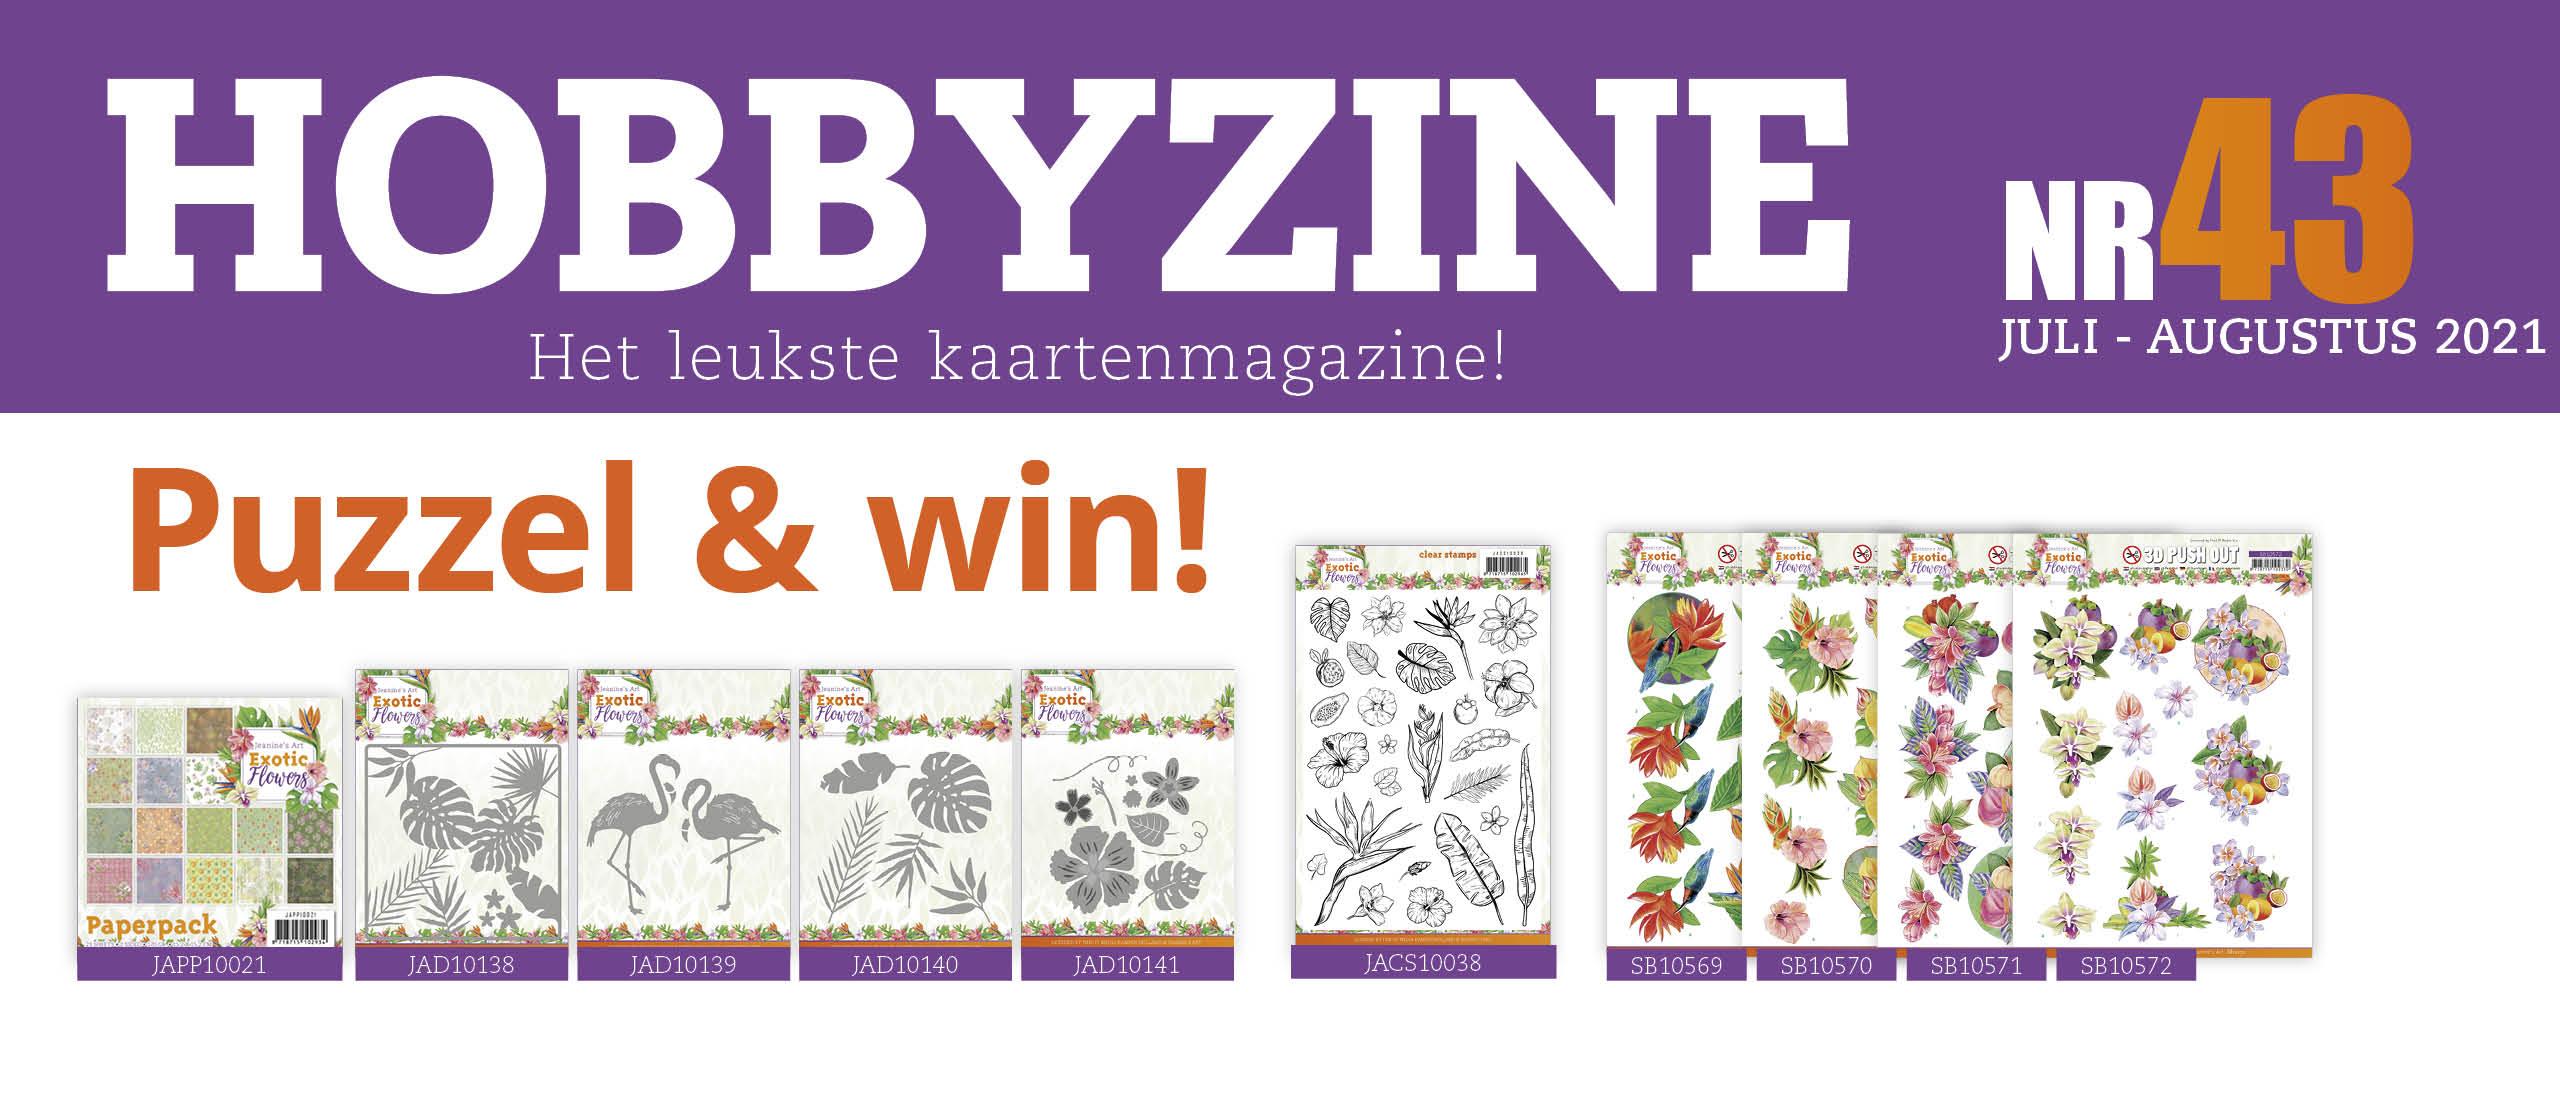 Puzzelprijzen winnen met Hobbyzine 43